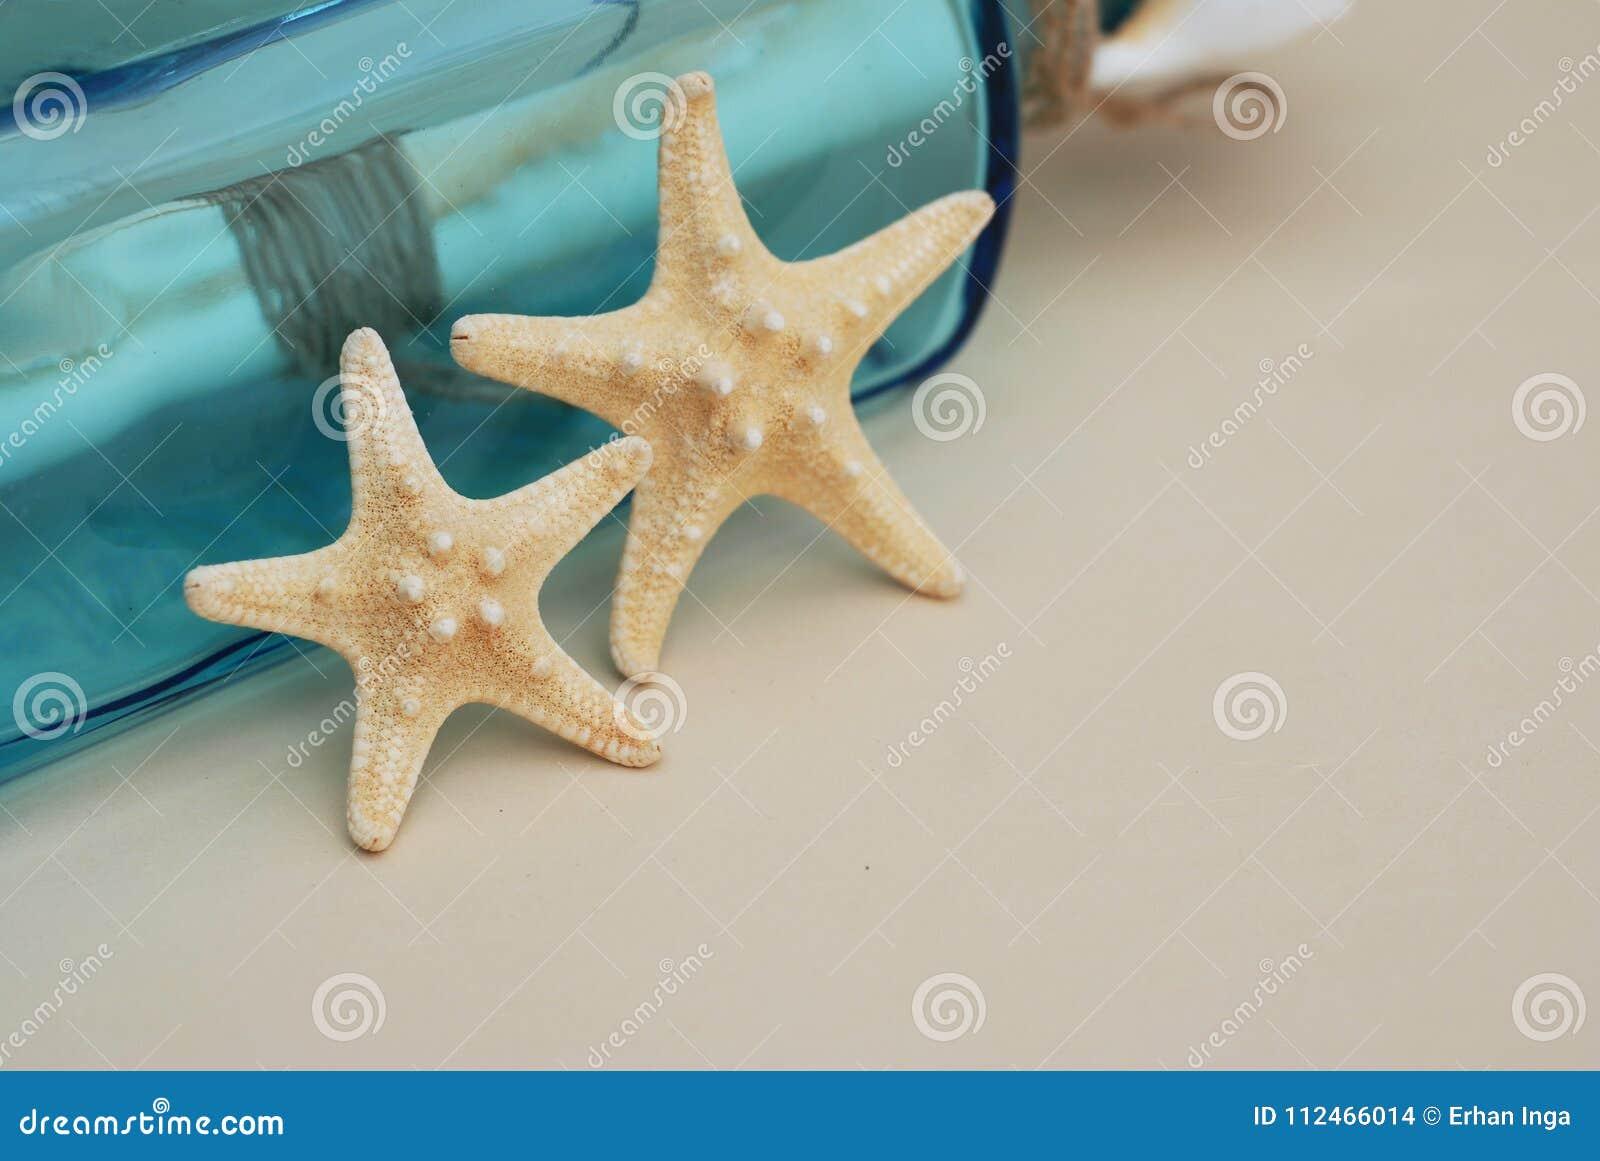 Contesto nautico di tema, stella marina decorativa sul fondo neutrale dell avorio Posto per testo Fuoco selettivo